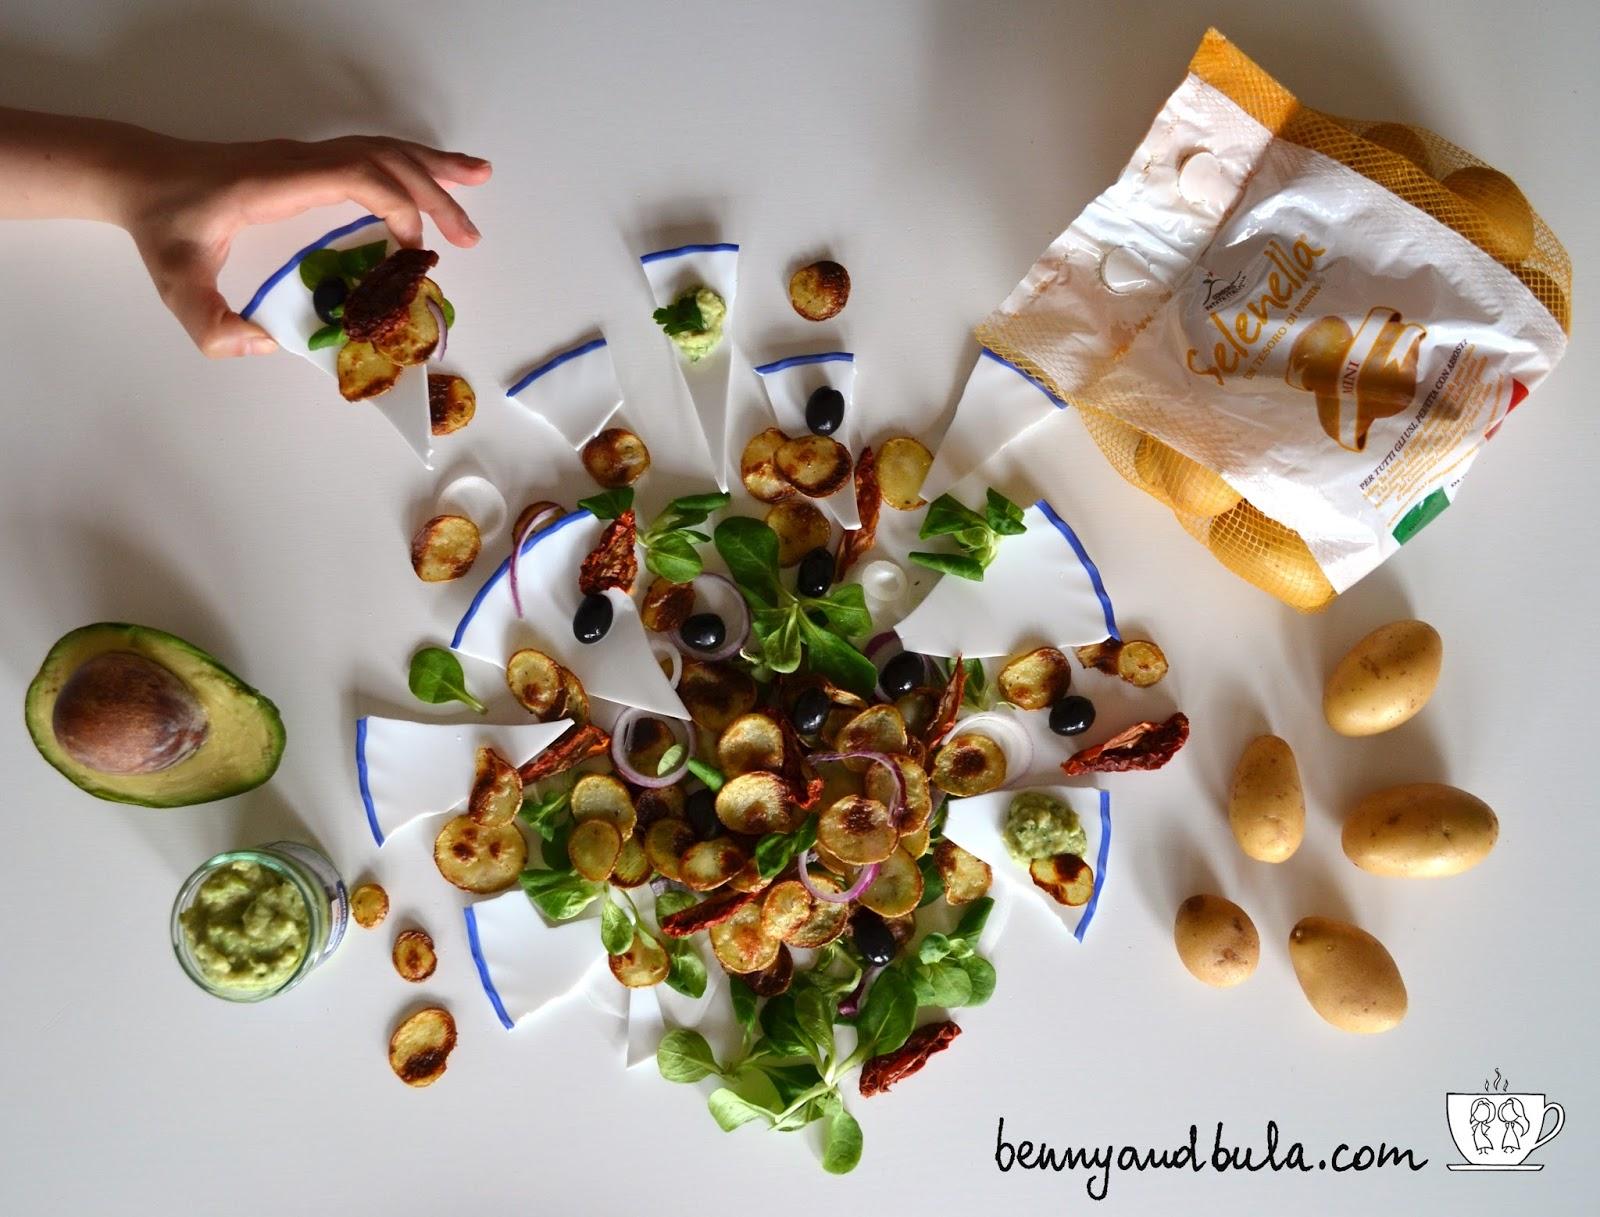 insalata greca estiva con chips di patate al forno e salsa yogurt e avocado/ greek salad